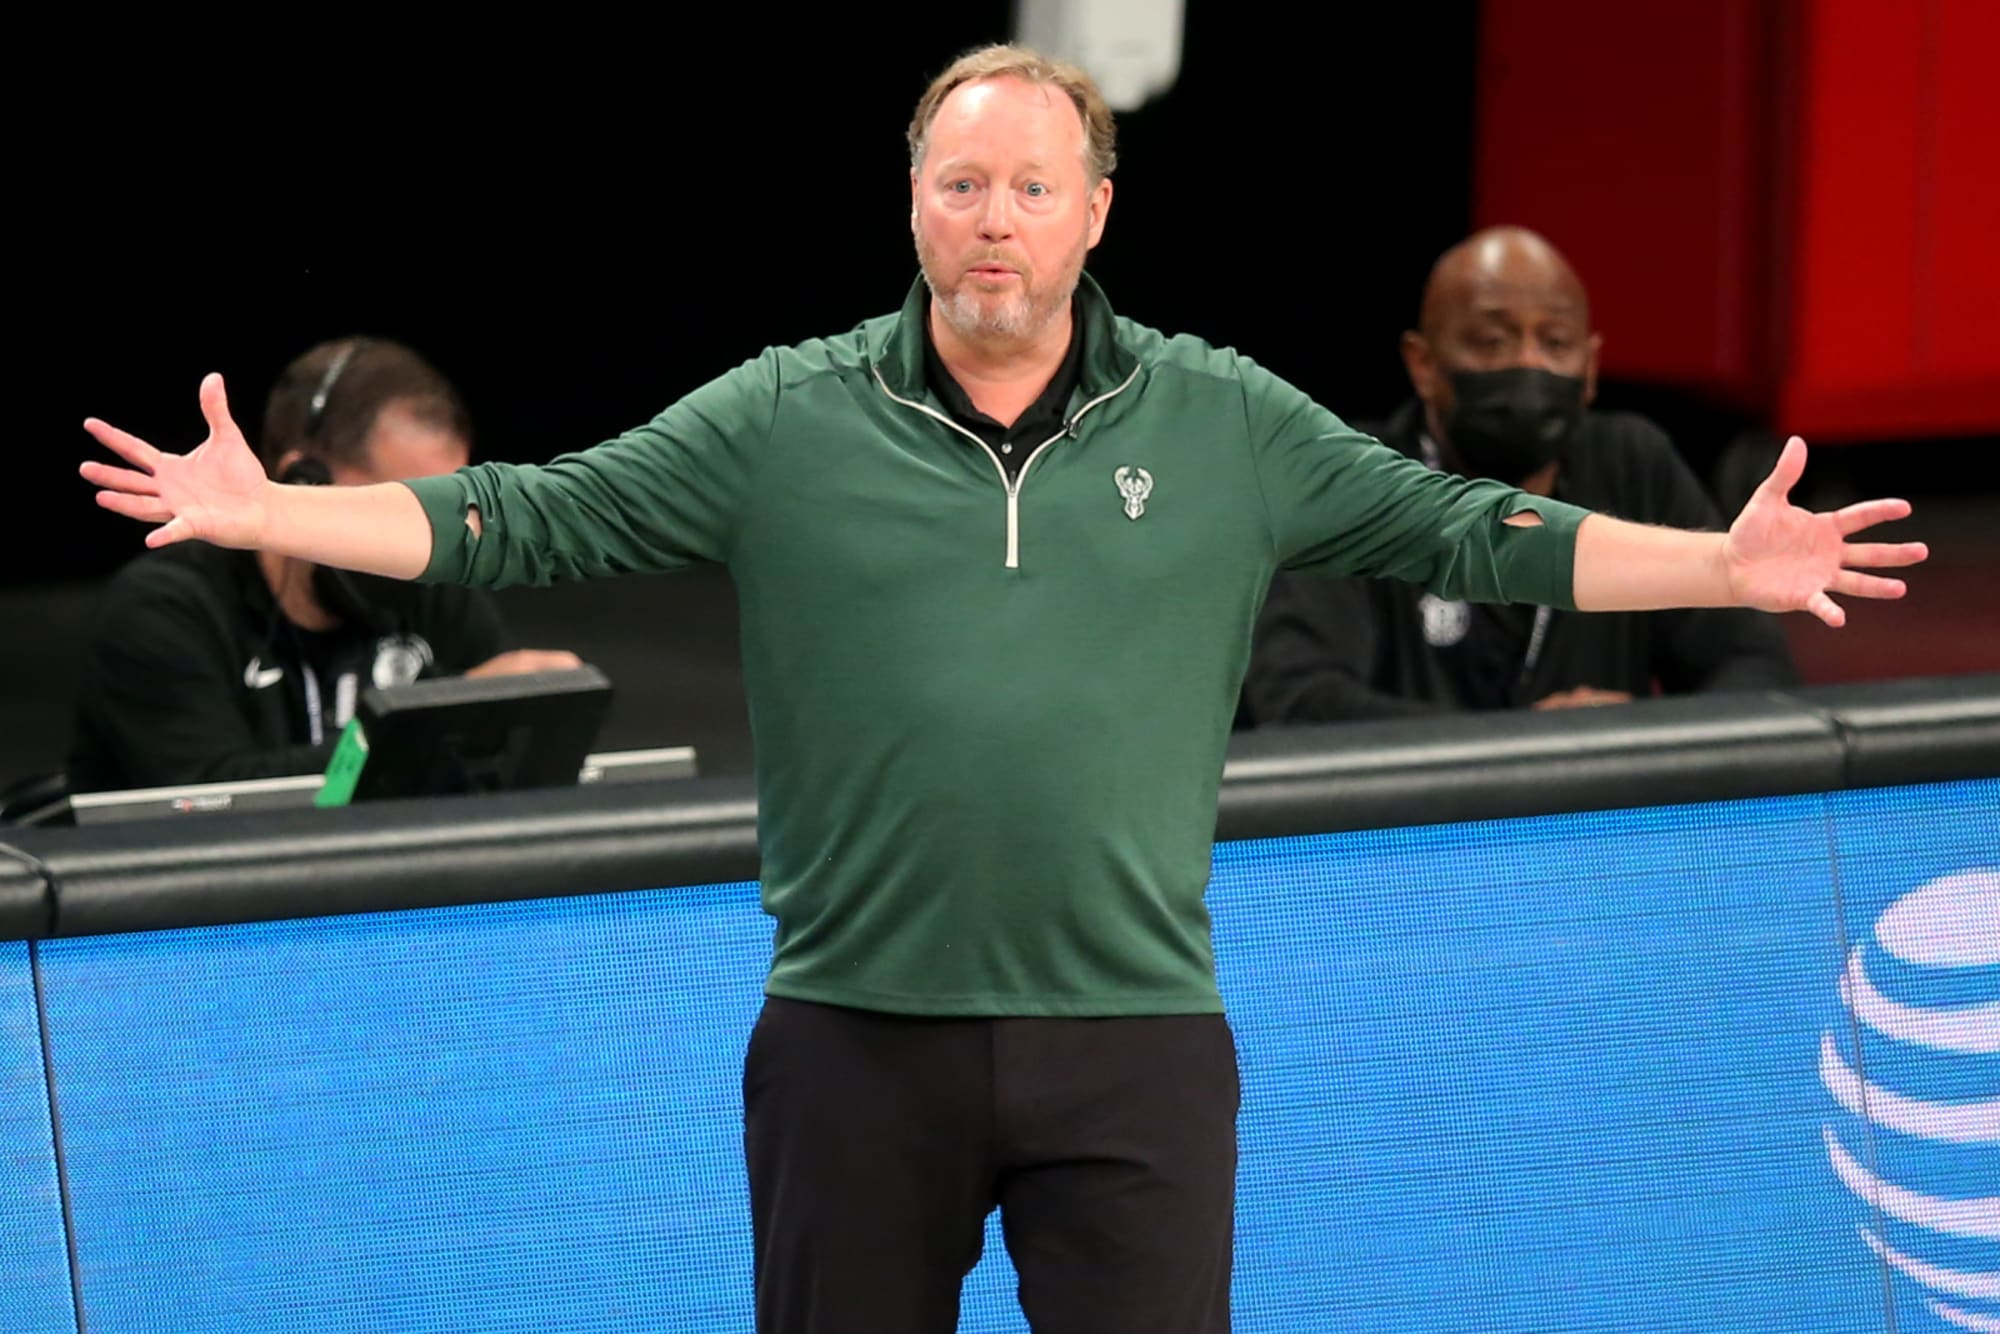 Milwaukee Bucks coach upset